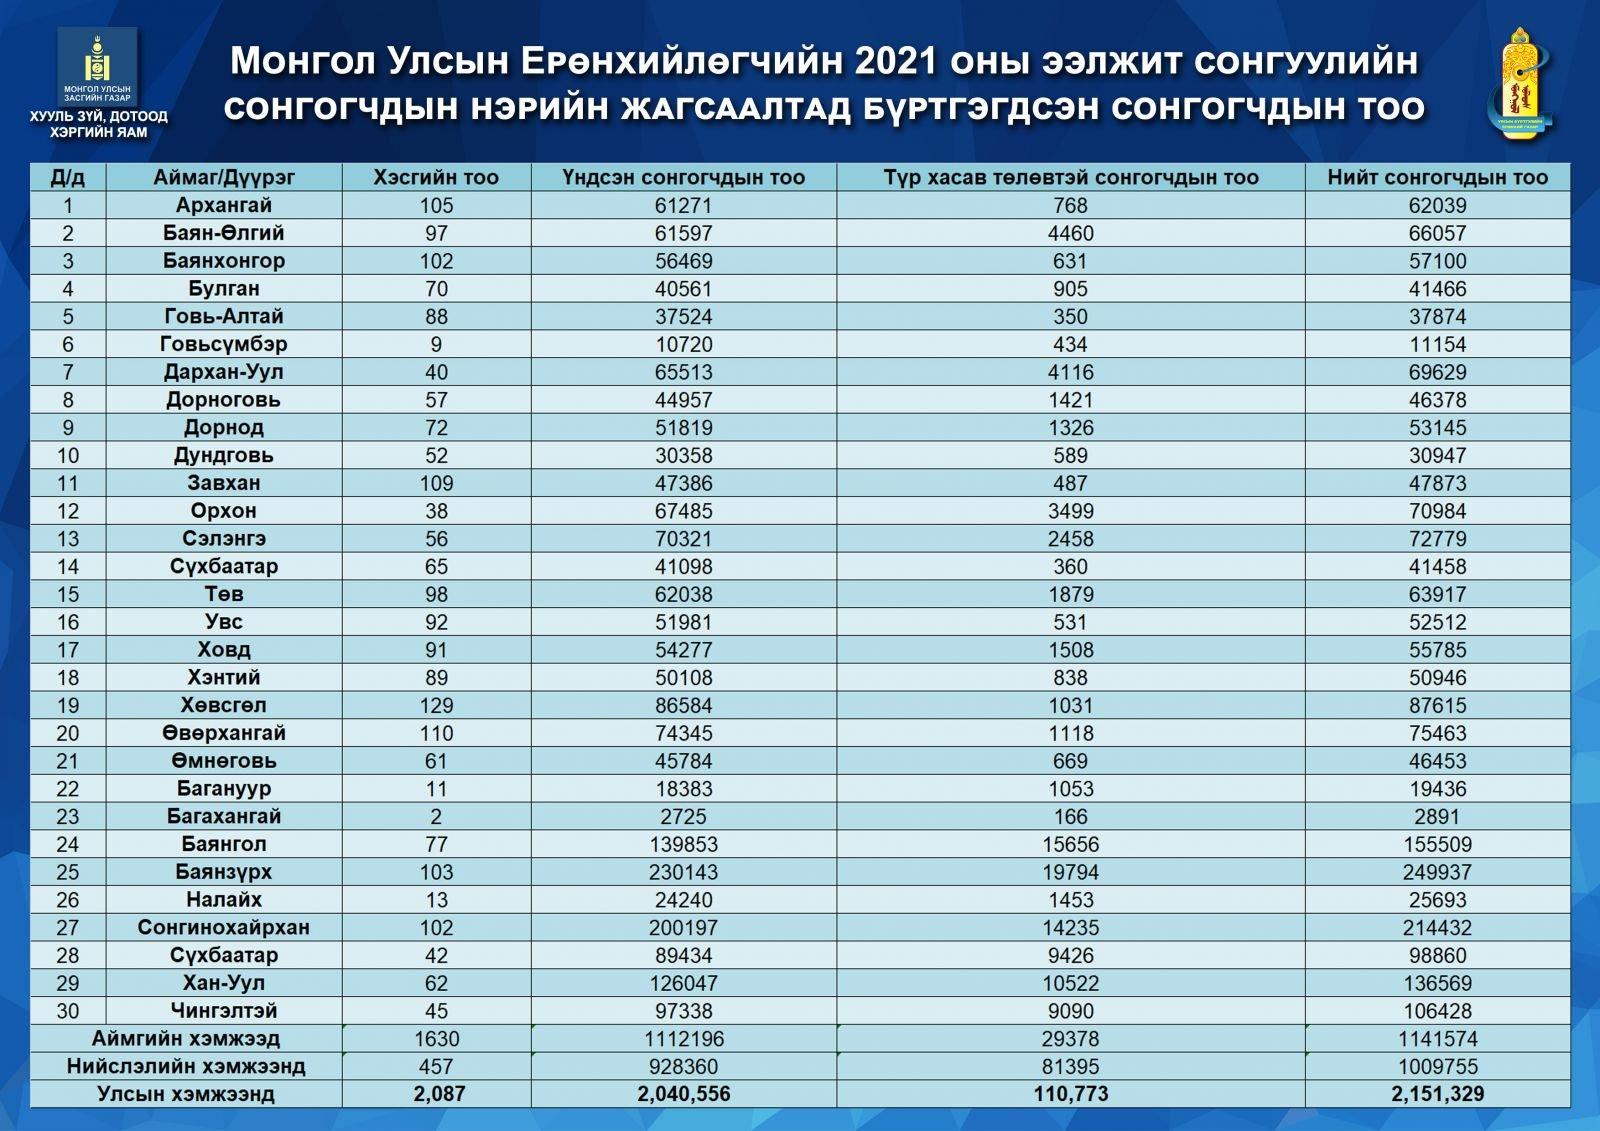 Монгол Улсын Ерөнхийлөгчийн 2021 оны ээлжит сонгуулийн сонгогчдын нэрийн жагсаалтад бүртгэгдсэн сонгогчдын тоо